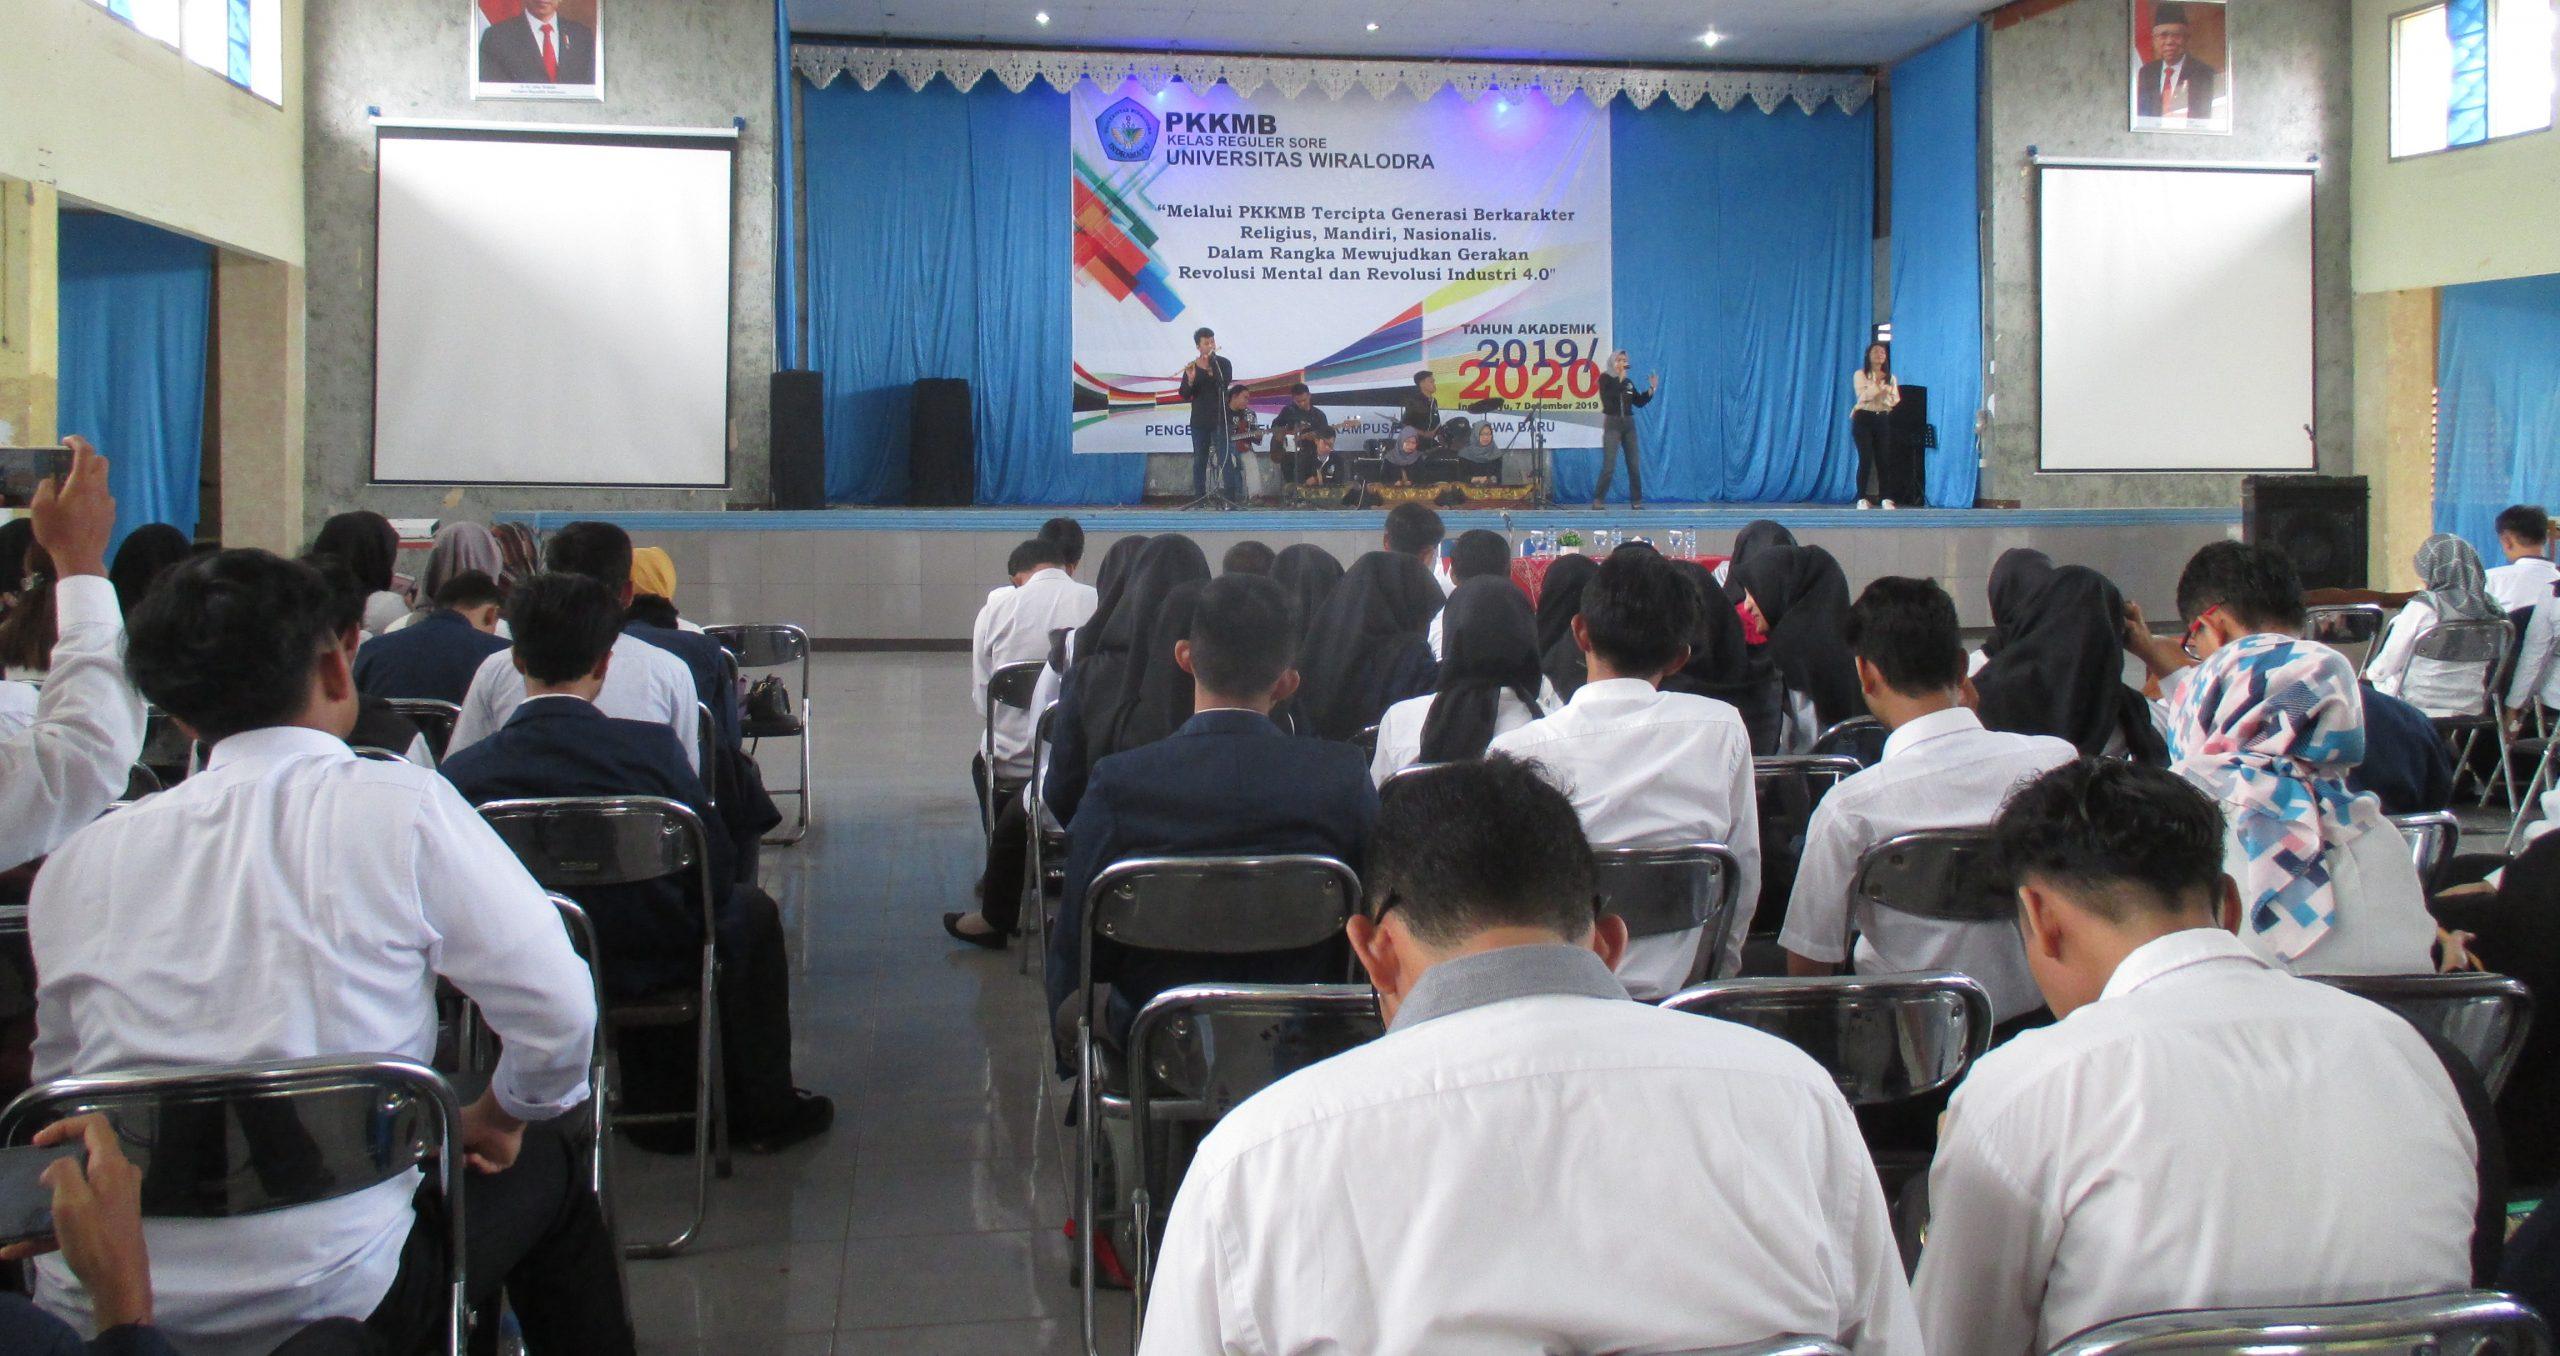 PKKMB Reguler Kelas Sore berlangsung di Aula Nyi Endang Dharma